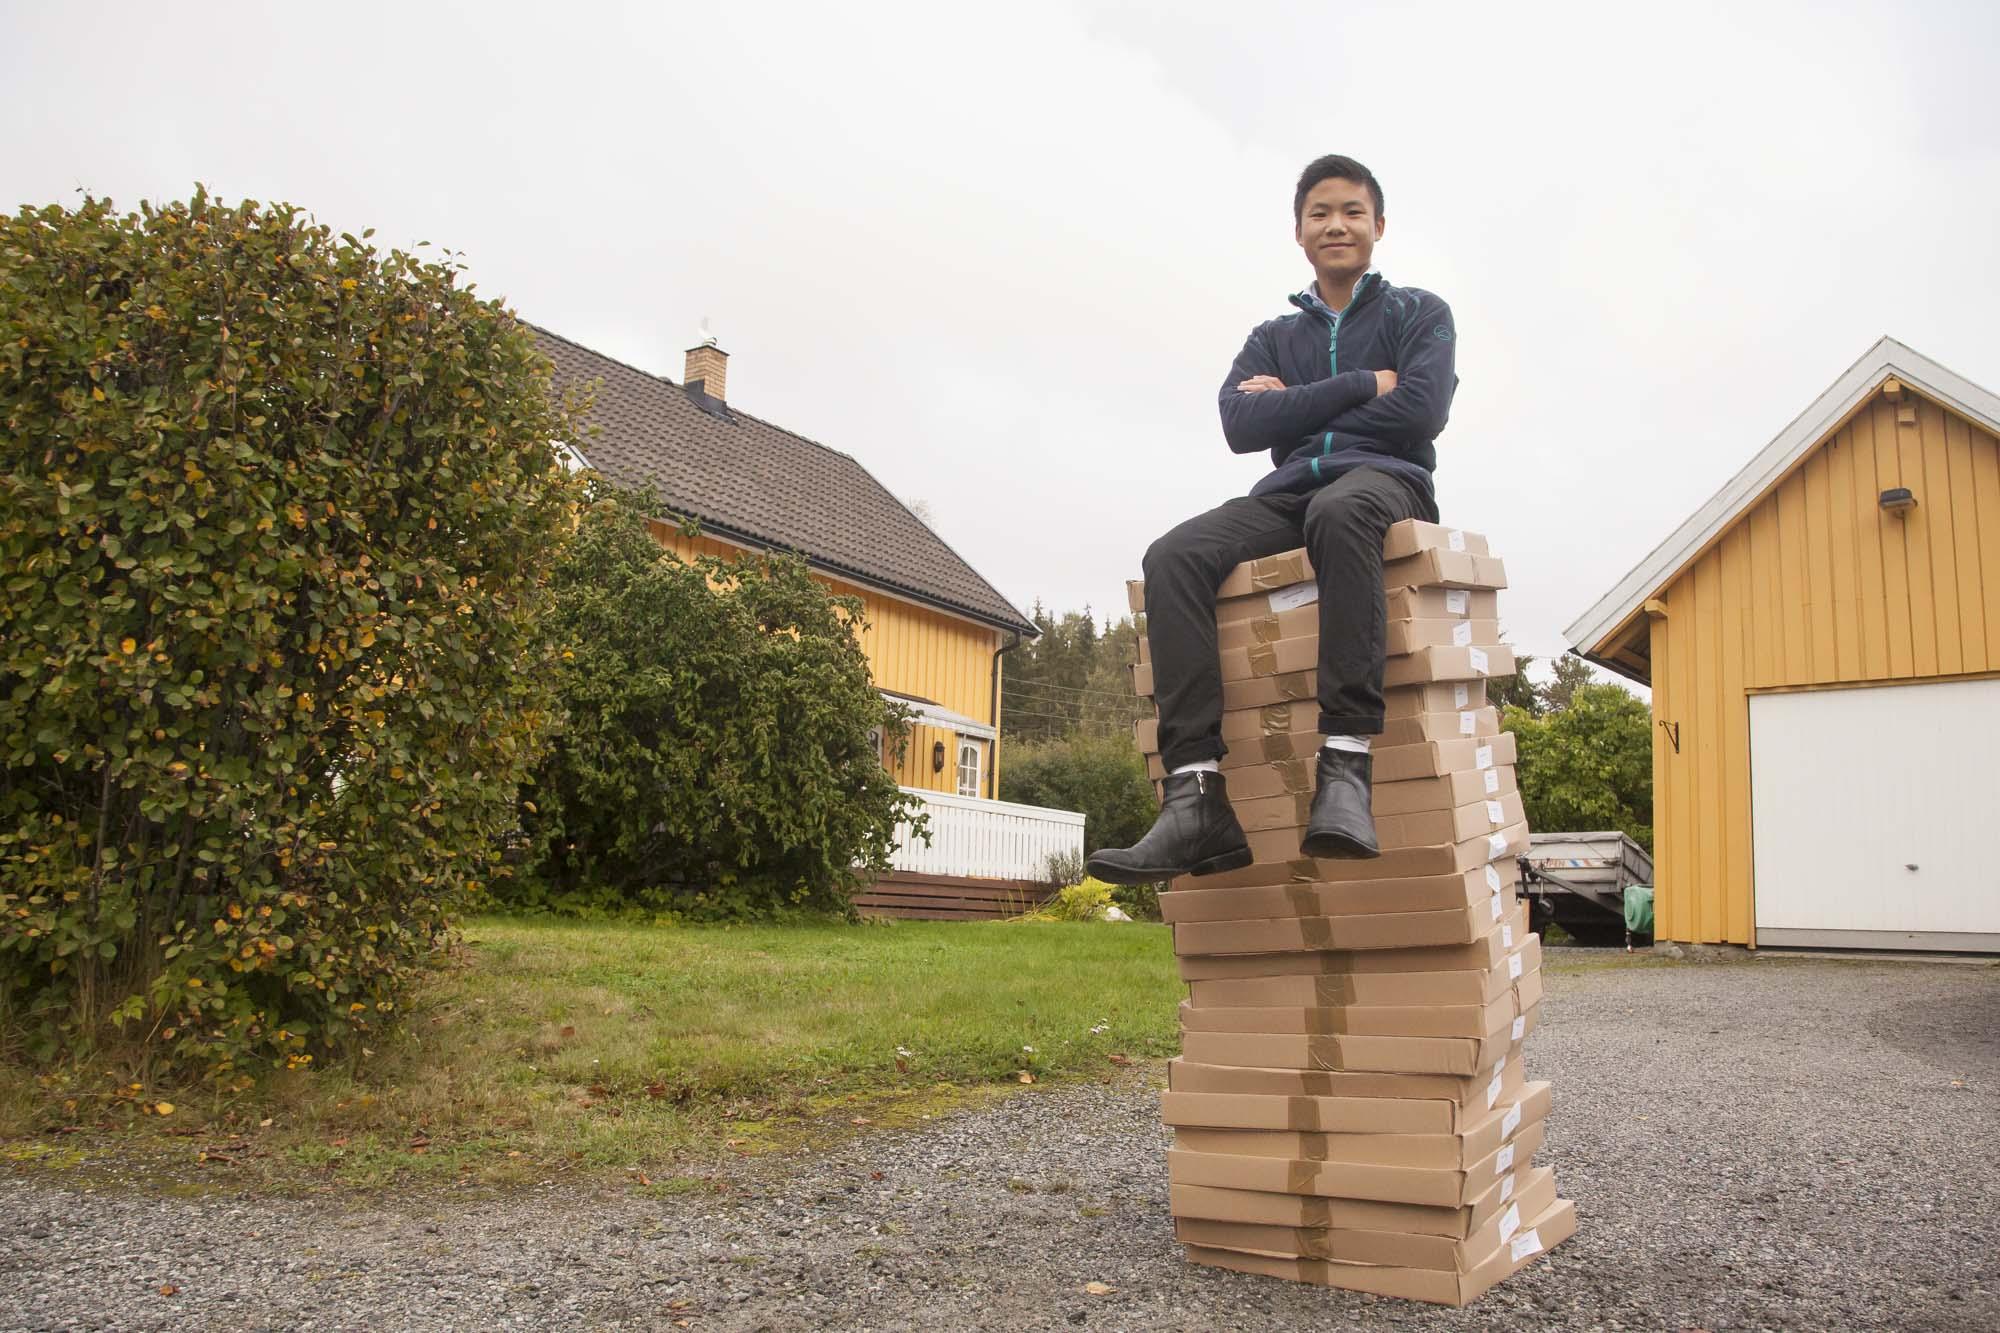 17 år gamle Simon har jobben med å bringe ut Ås-kalenderne til alle som bestiller. Han har med kortautomat.